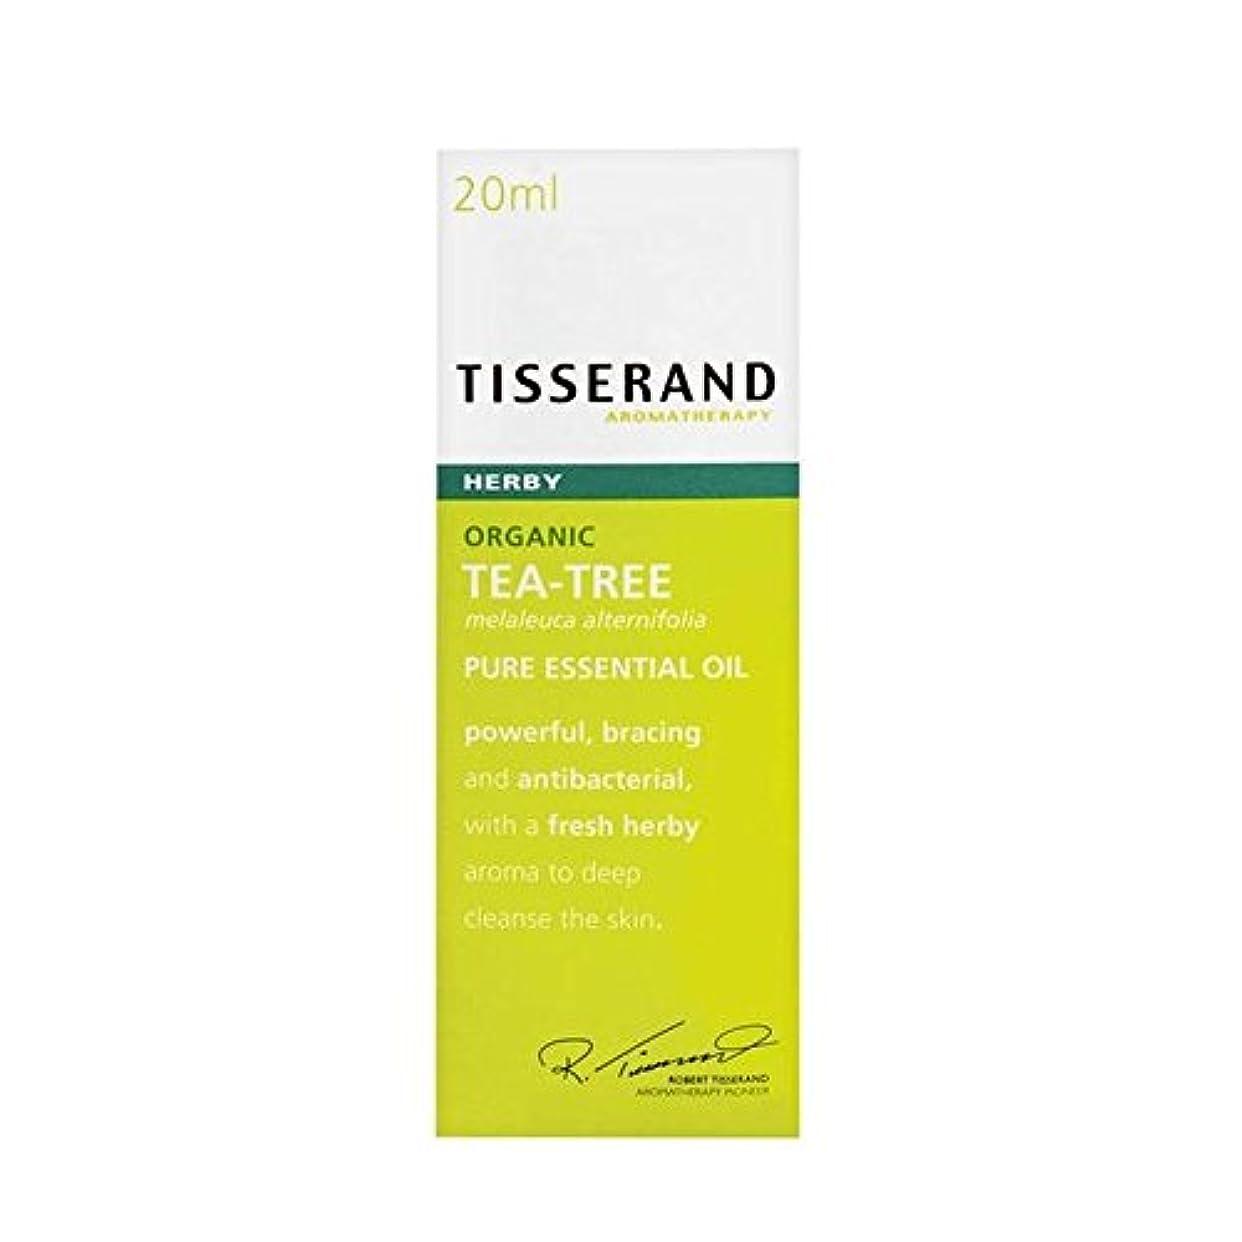 なかなか虹血まみれのティスランドティーツリーオーガニックピュアエッセンシャルオイル20ミリリットル x2 - Tisserand Tea Tree Organic Pure Essential Oil 20ml (Pack of 2) [並行輸入品]